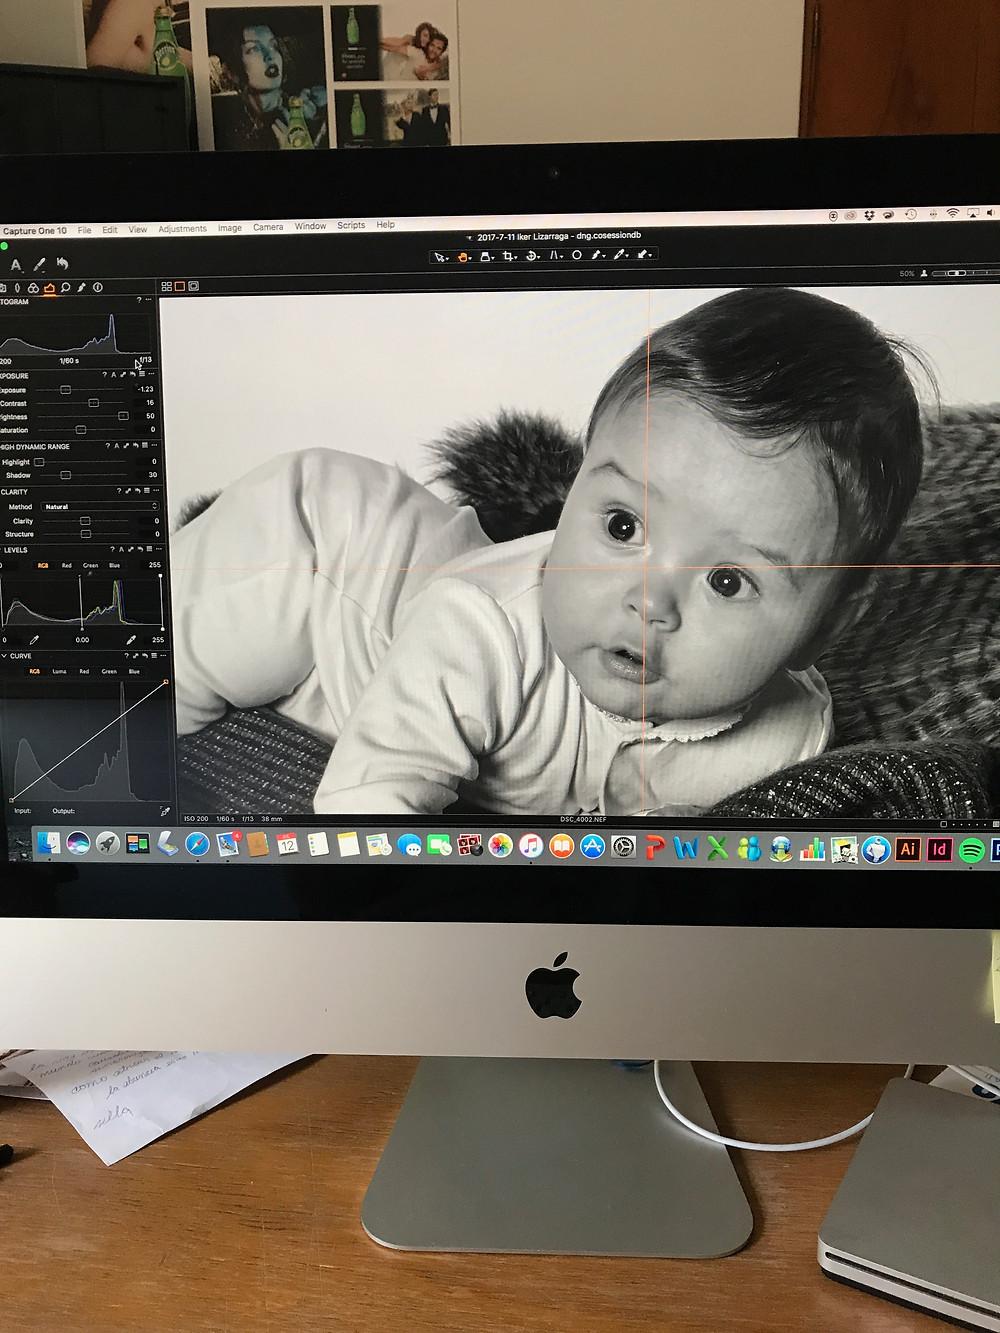 A los bebes solo tienes que observarlos, tener mucha paciencia y estar lista con la cámara para tomar la foto.